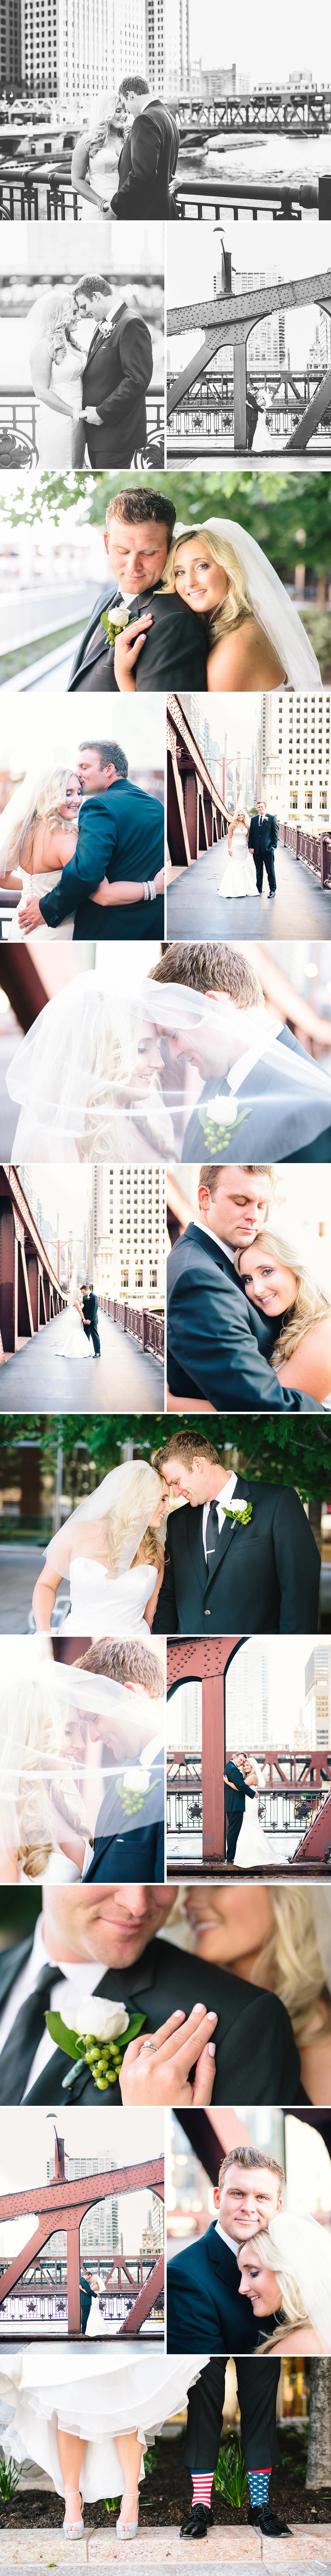 Chicago_Fine_Art_Wedding_Photography_kline2.jpg